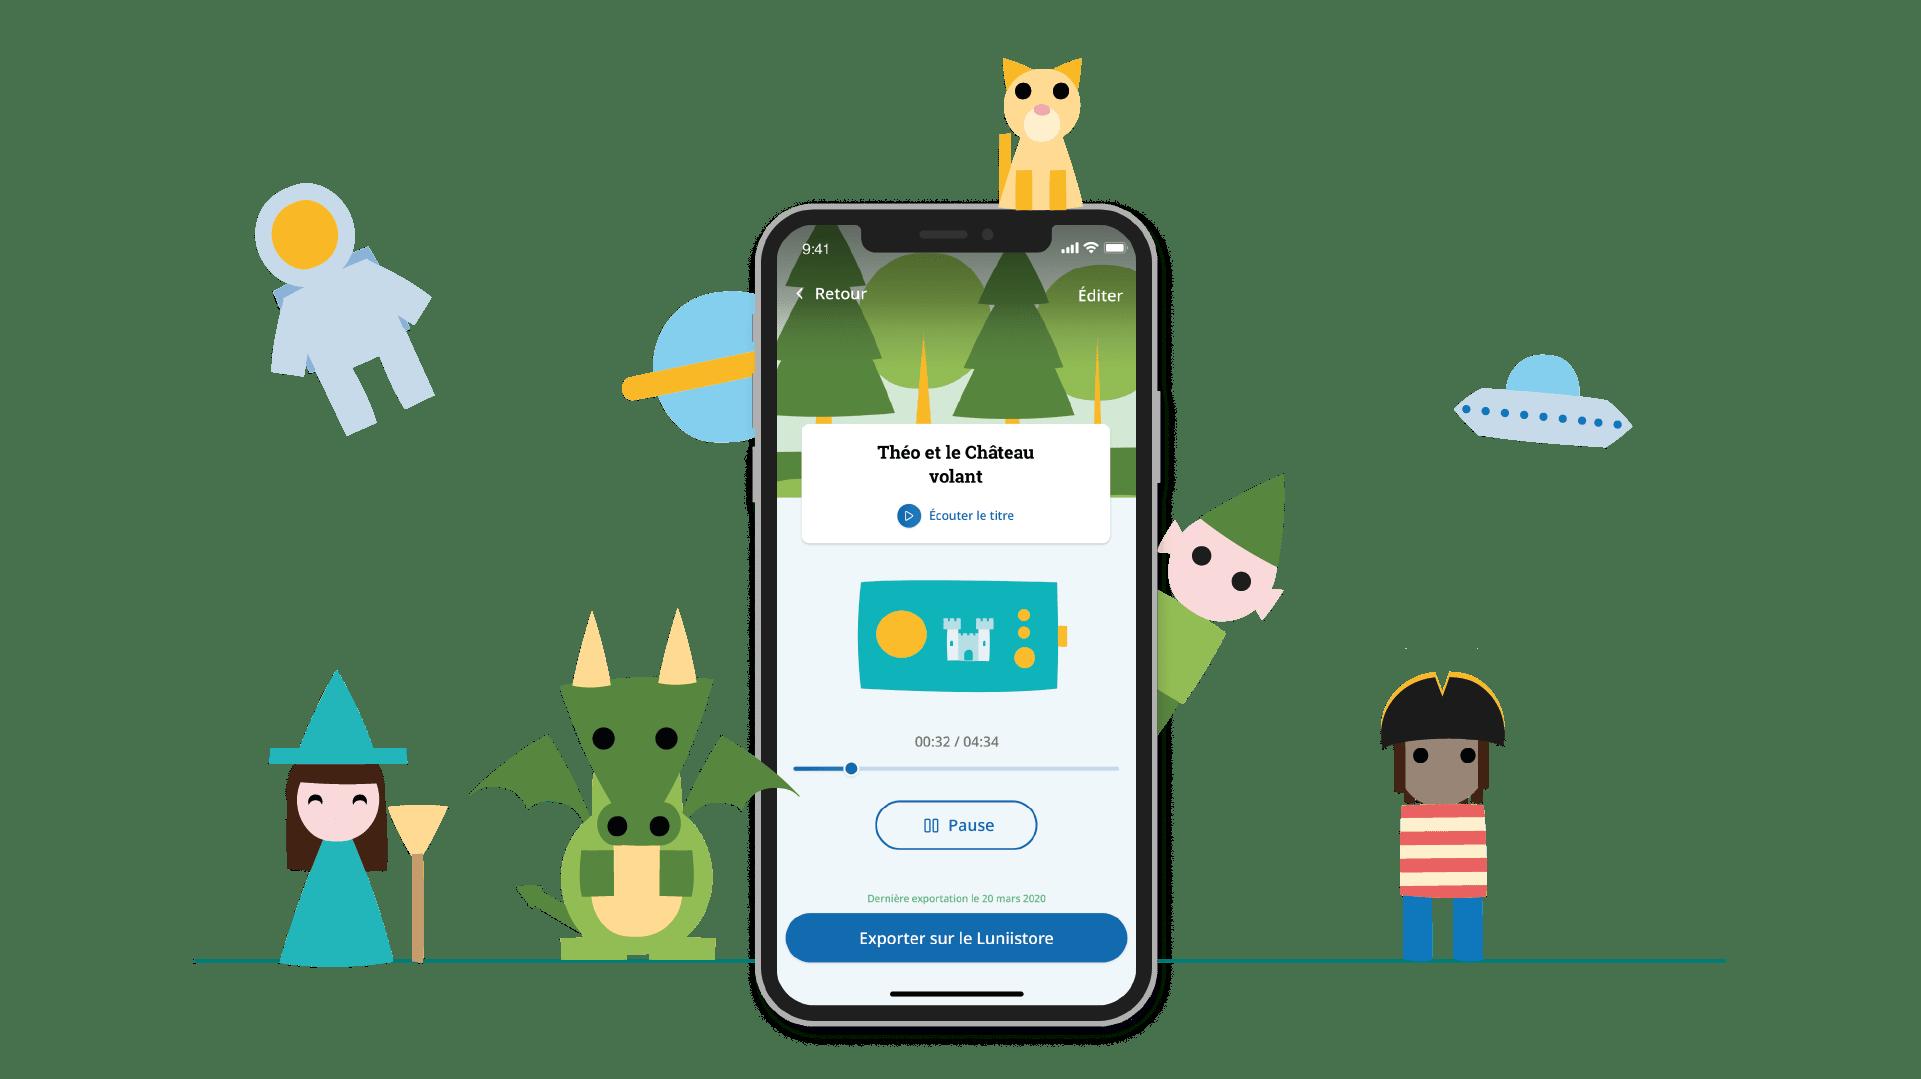 Application mobile Mon Studio Lunii pour créer ses propres histoires